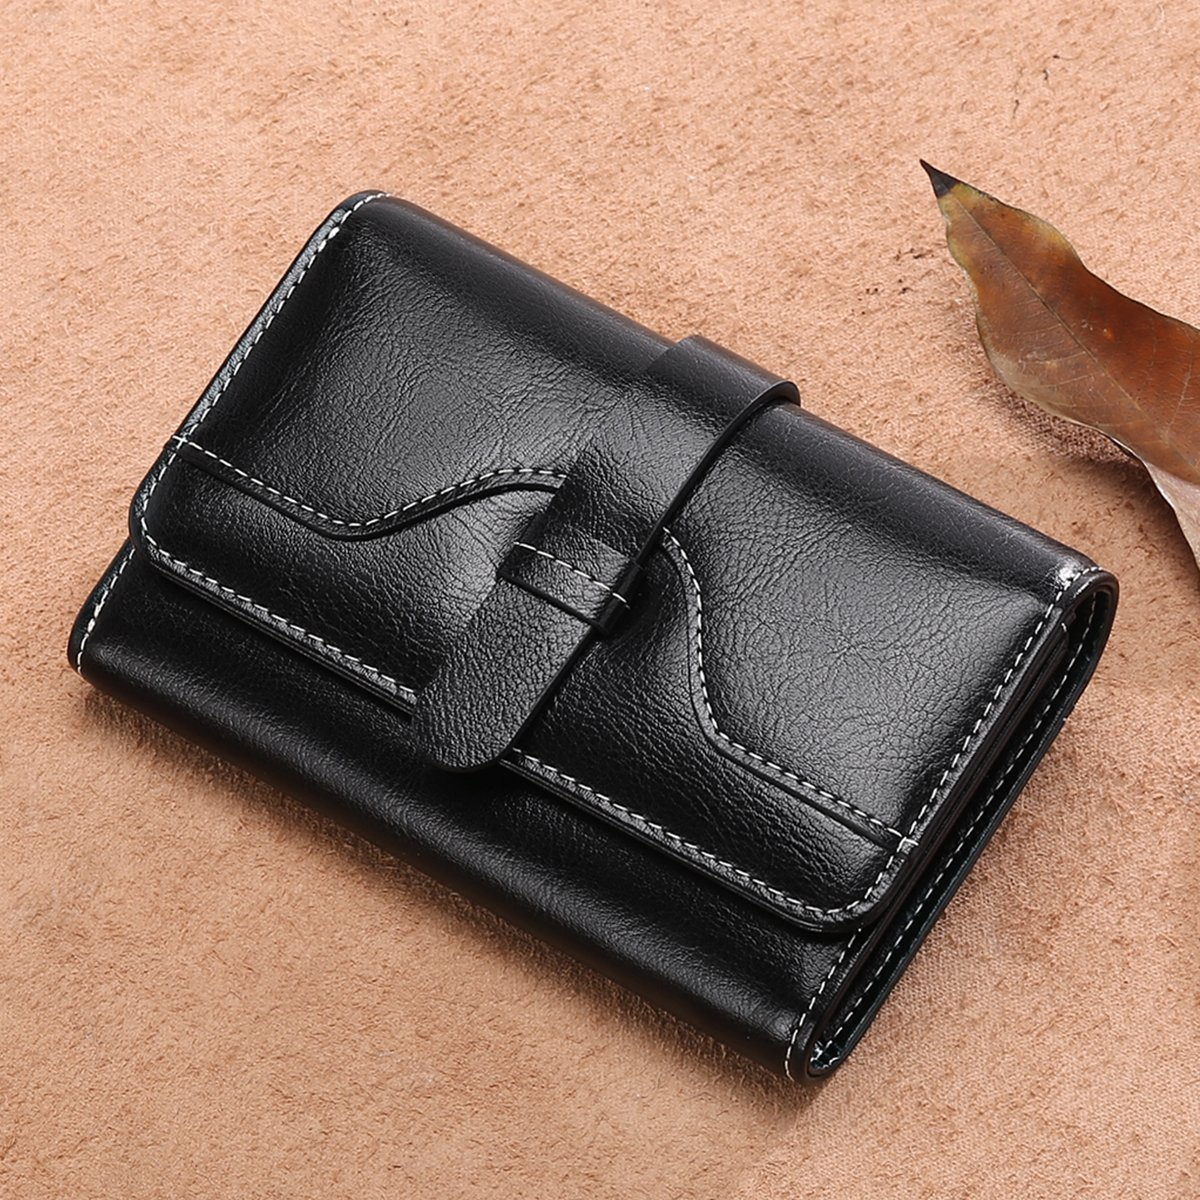 Vintage Leather Women short Wallet Coin Pocket Phone Purse Female Card Holder by Sendefn (Image #6)